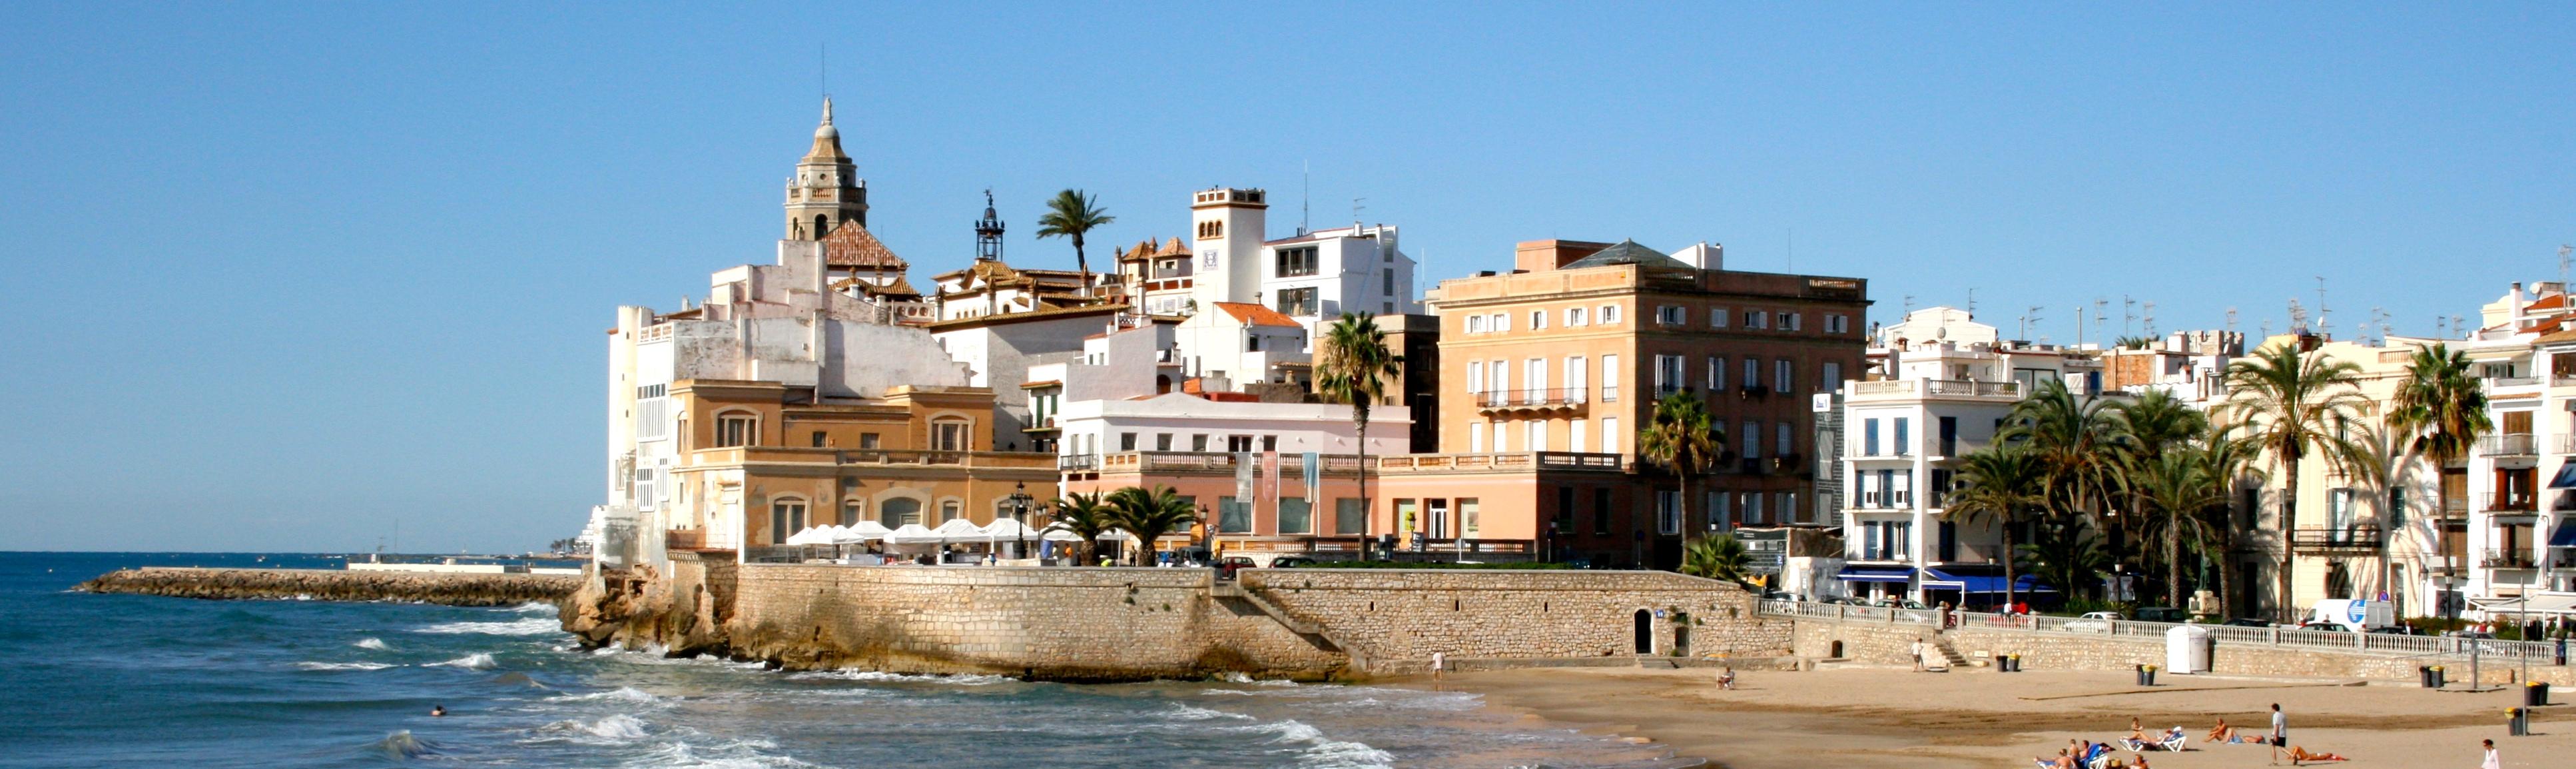 Casco Antiguo Sitges